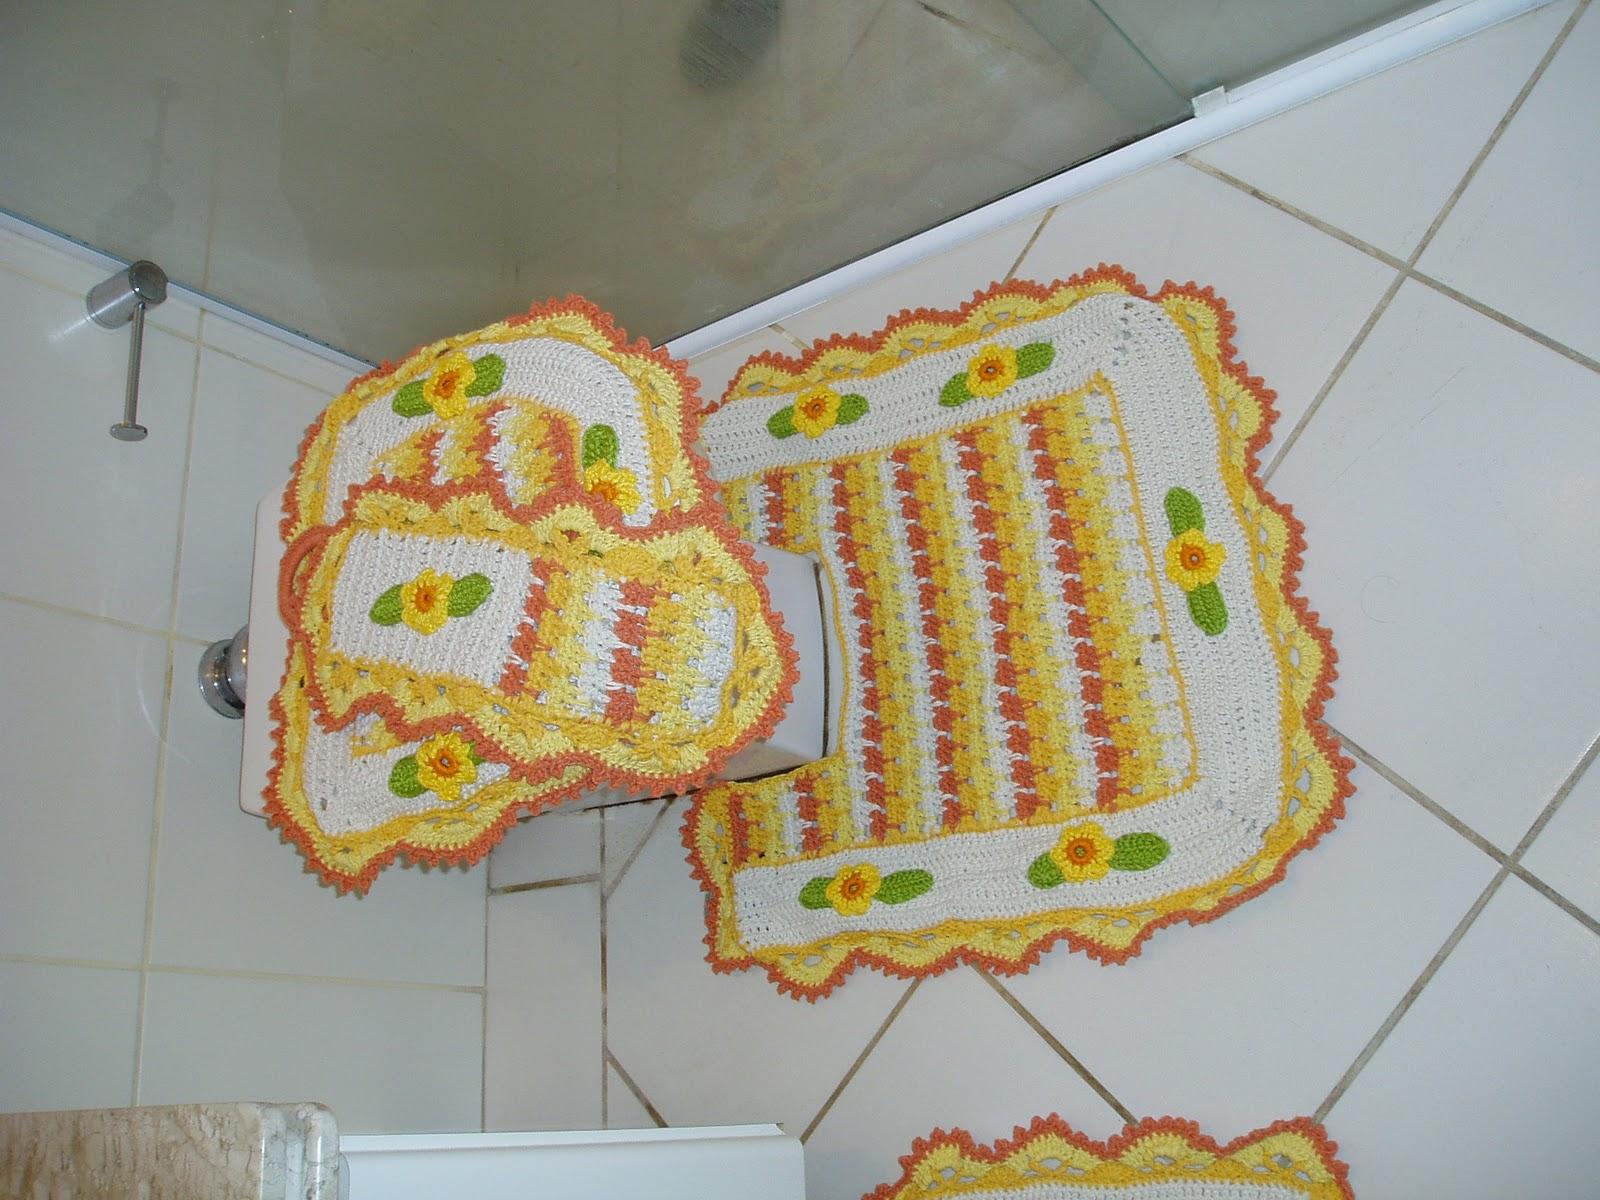 Tecendo Receitas: Jogo de banheiro em croche menina moça em amarelo #9C4B2D 1600x1200 Acessórios Banheiro São Paulo